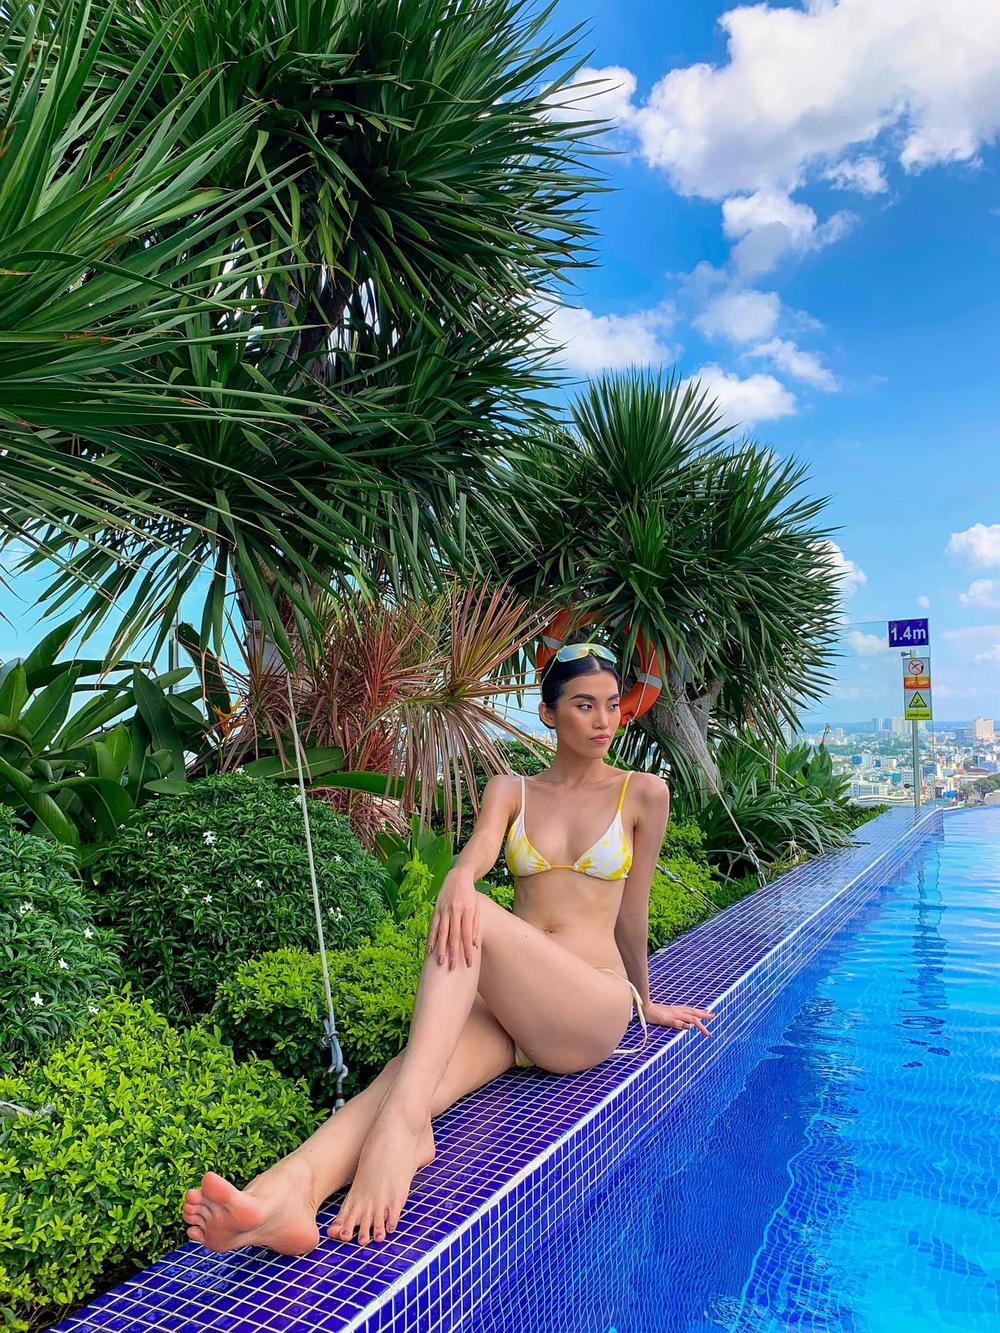 Hậu chia tay tỷ phú U80, người mẫu Việt tung loạt ảnh bikini nóng bỏng - Ảnh 8.